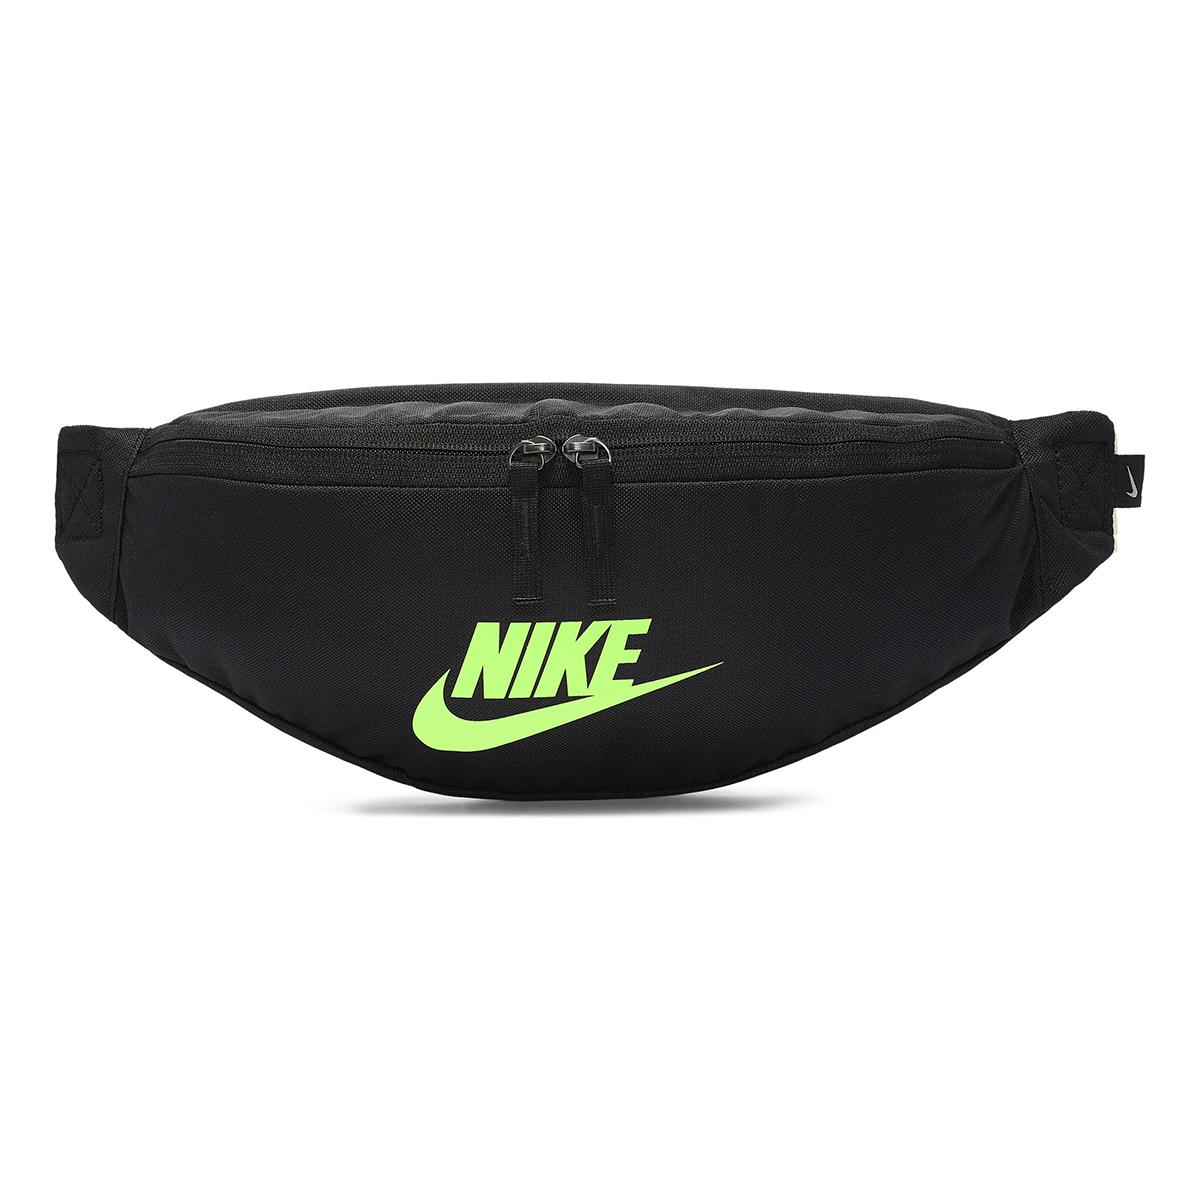 Nike Heritage Hip Pack - Color: Black/Lime - Size: OS, Black/Lime, large, image 1